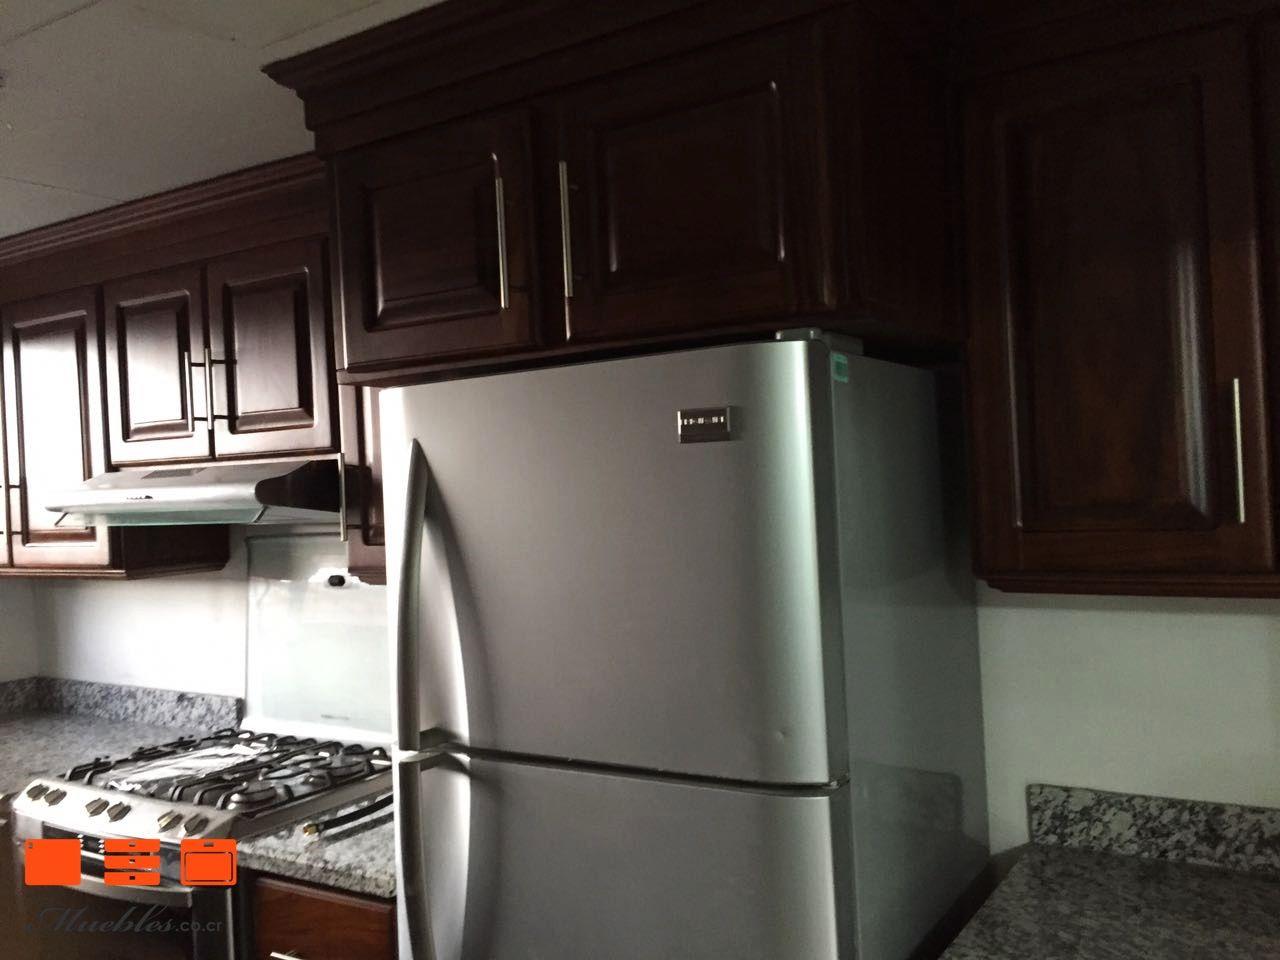 Mueble De Cocina Con Horno Y Refrigerador Empotrados Muebles De  # Muebles Boxetti